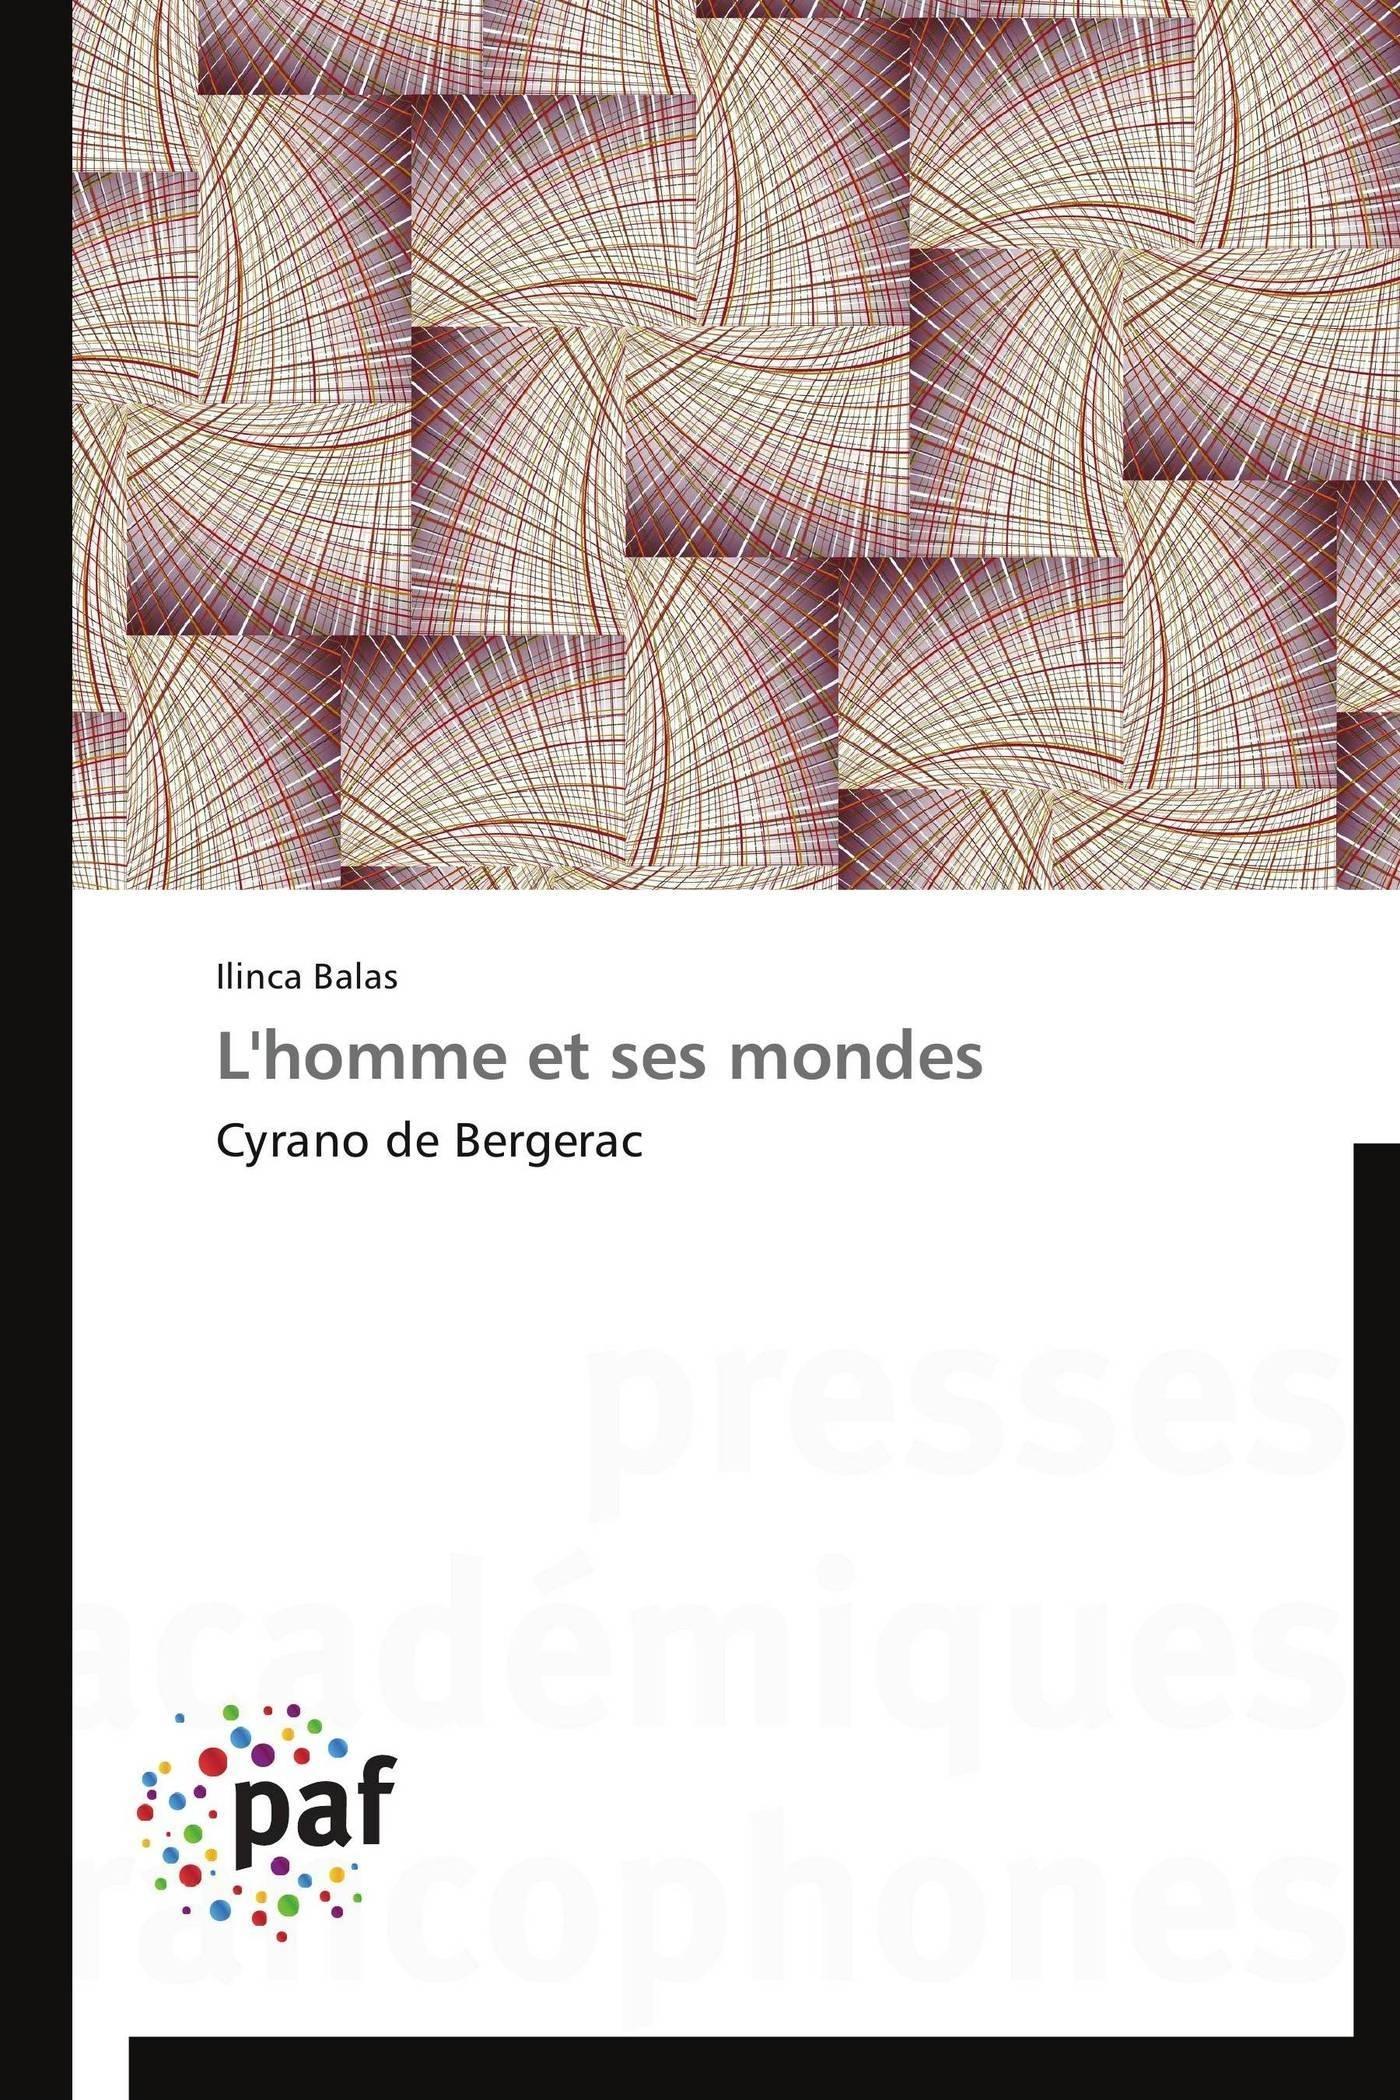 L'HOMME ET SES MONDES